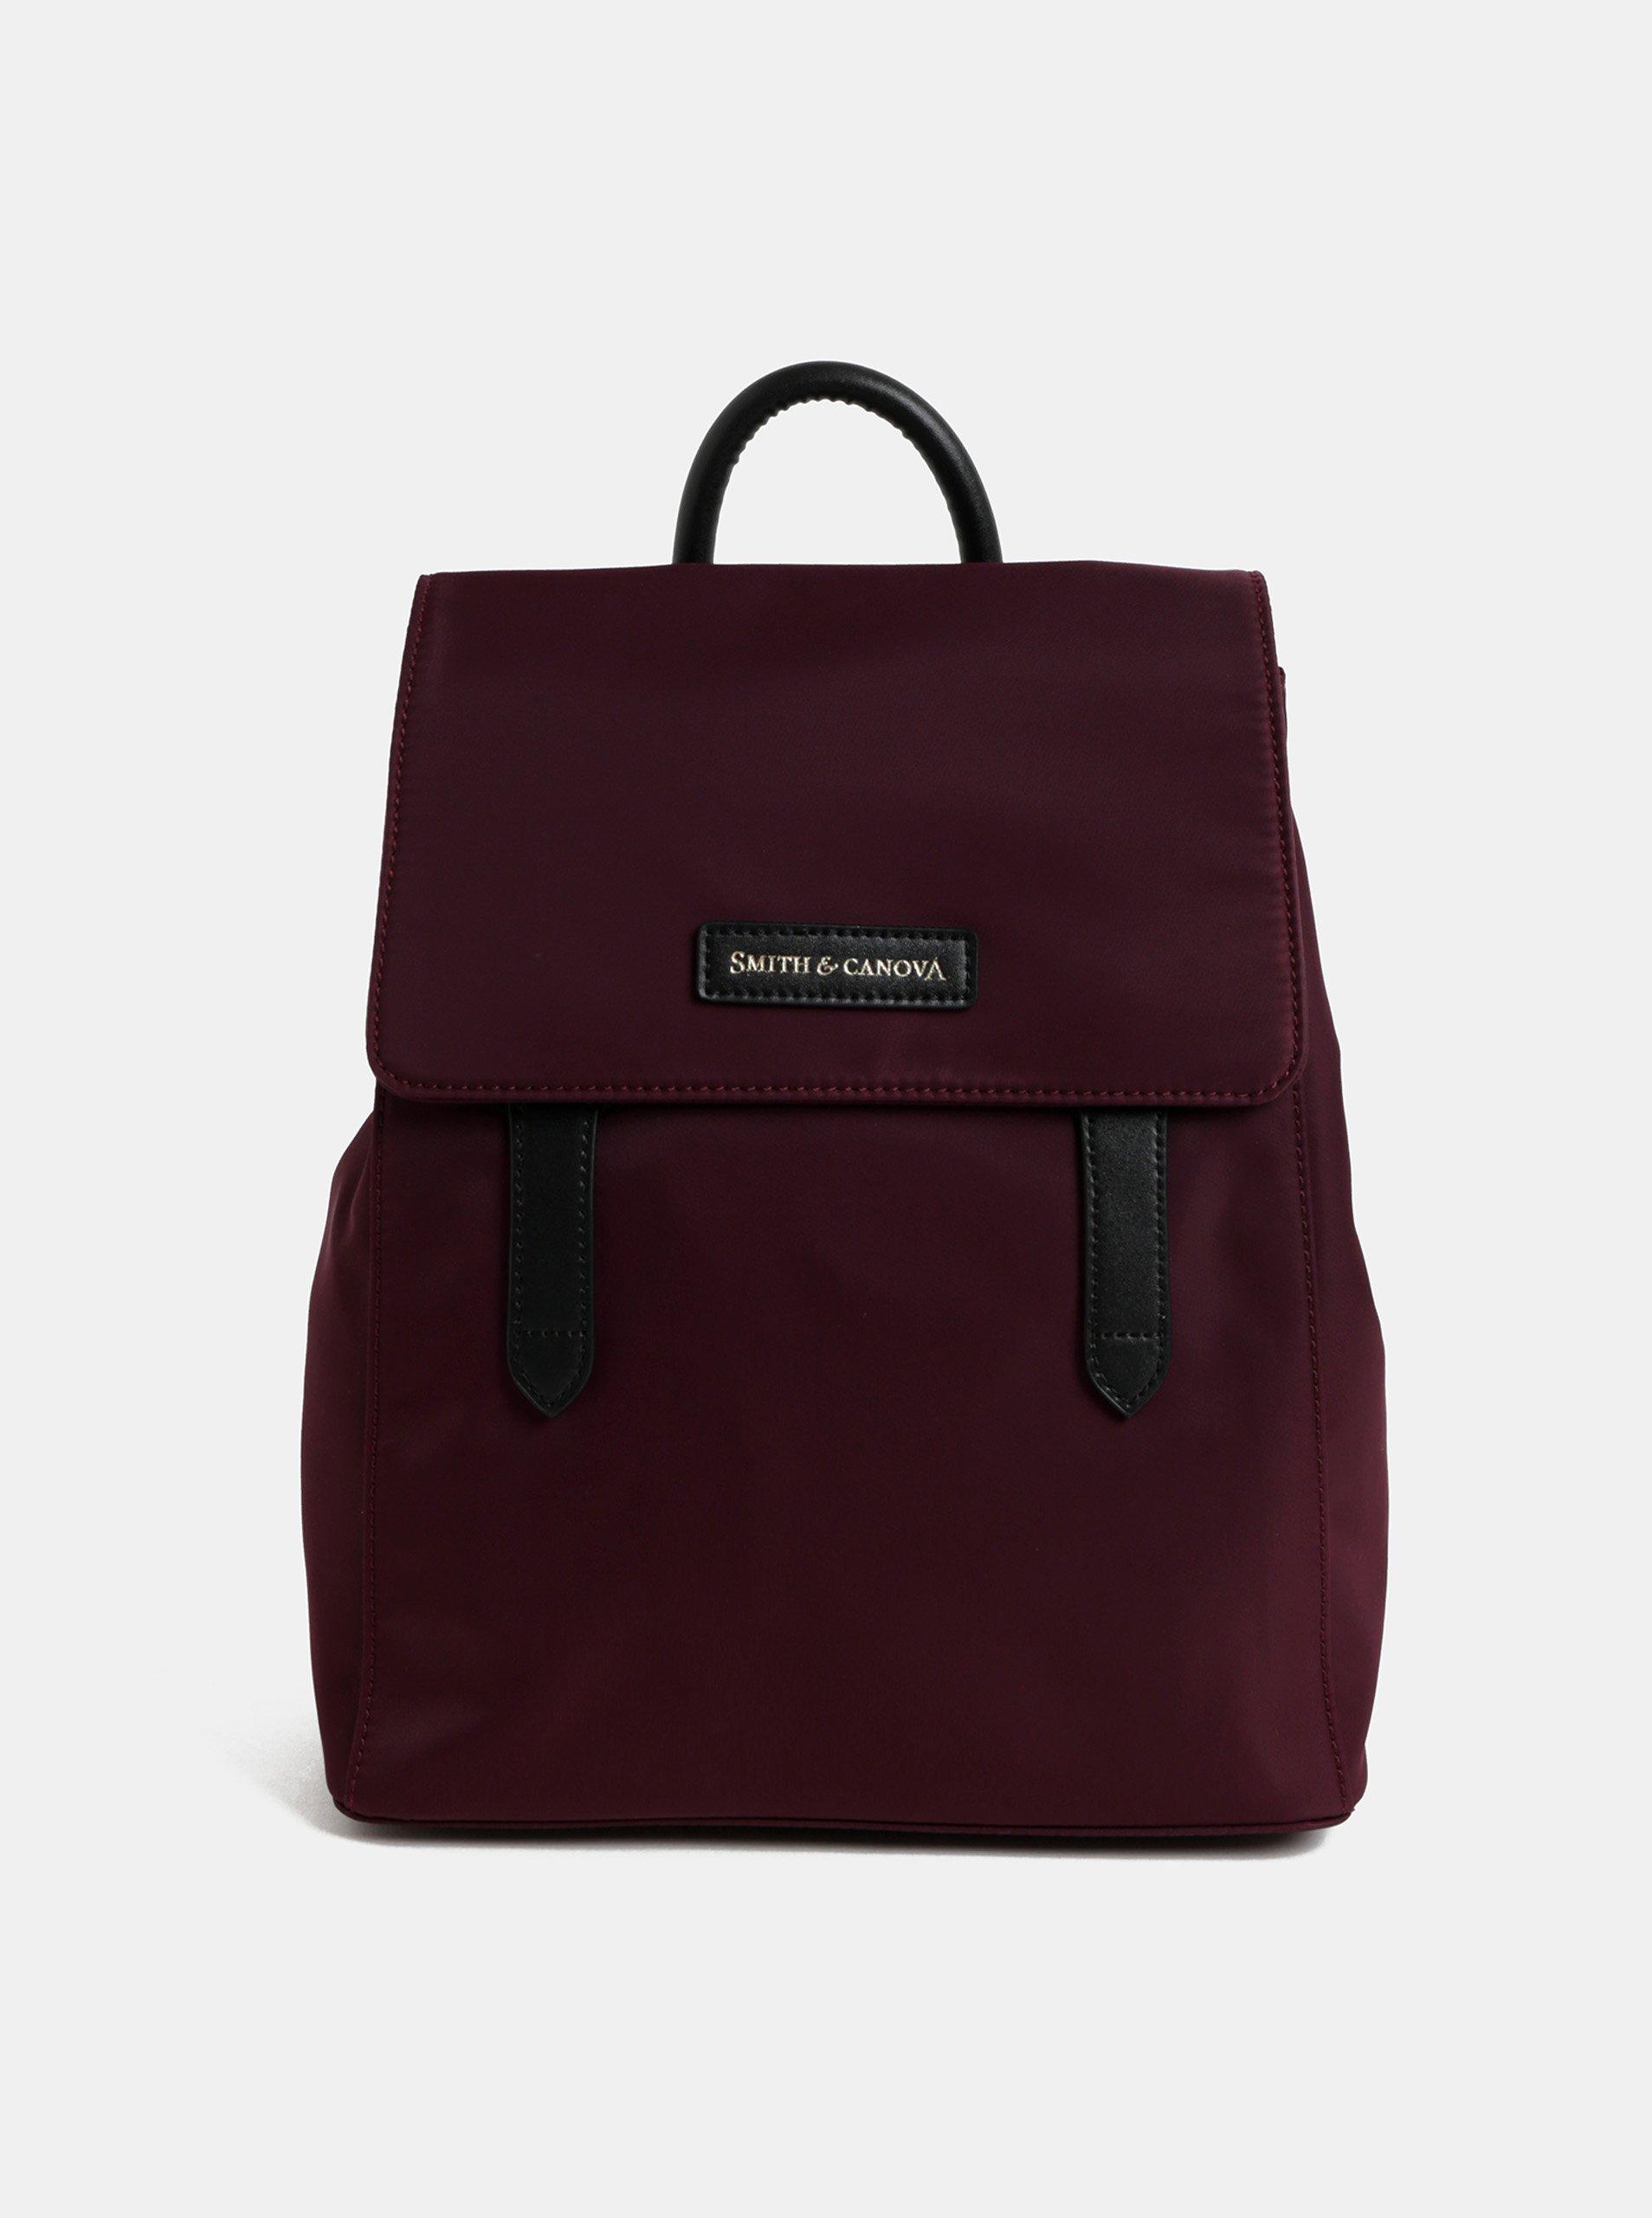 0d9d47811a Vínový batoh s koženými detaily Smith   Canova